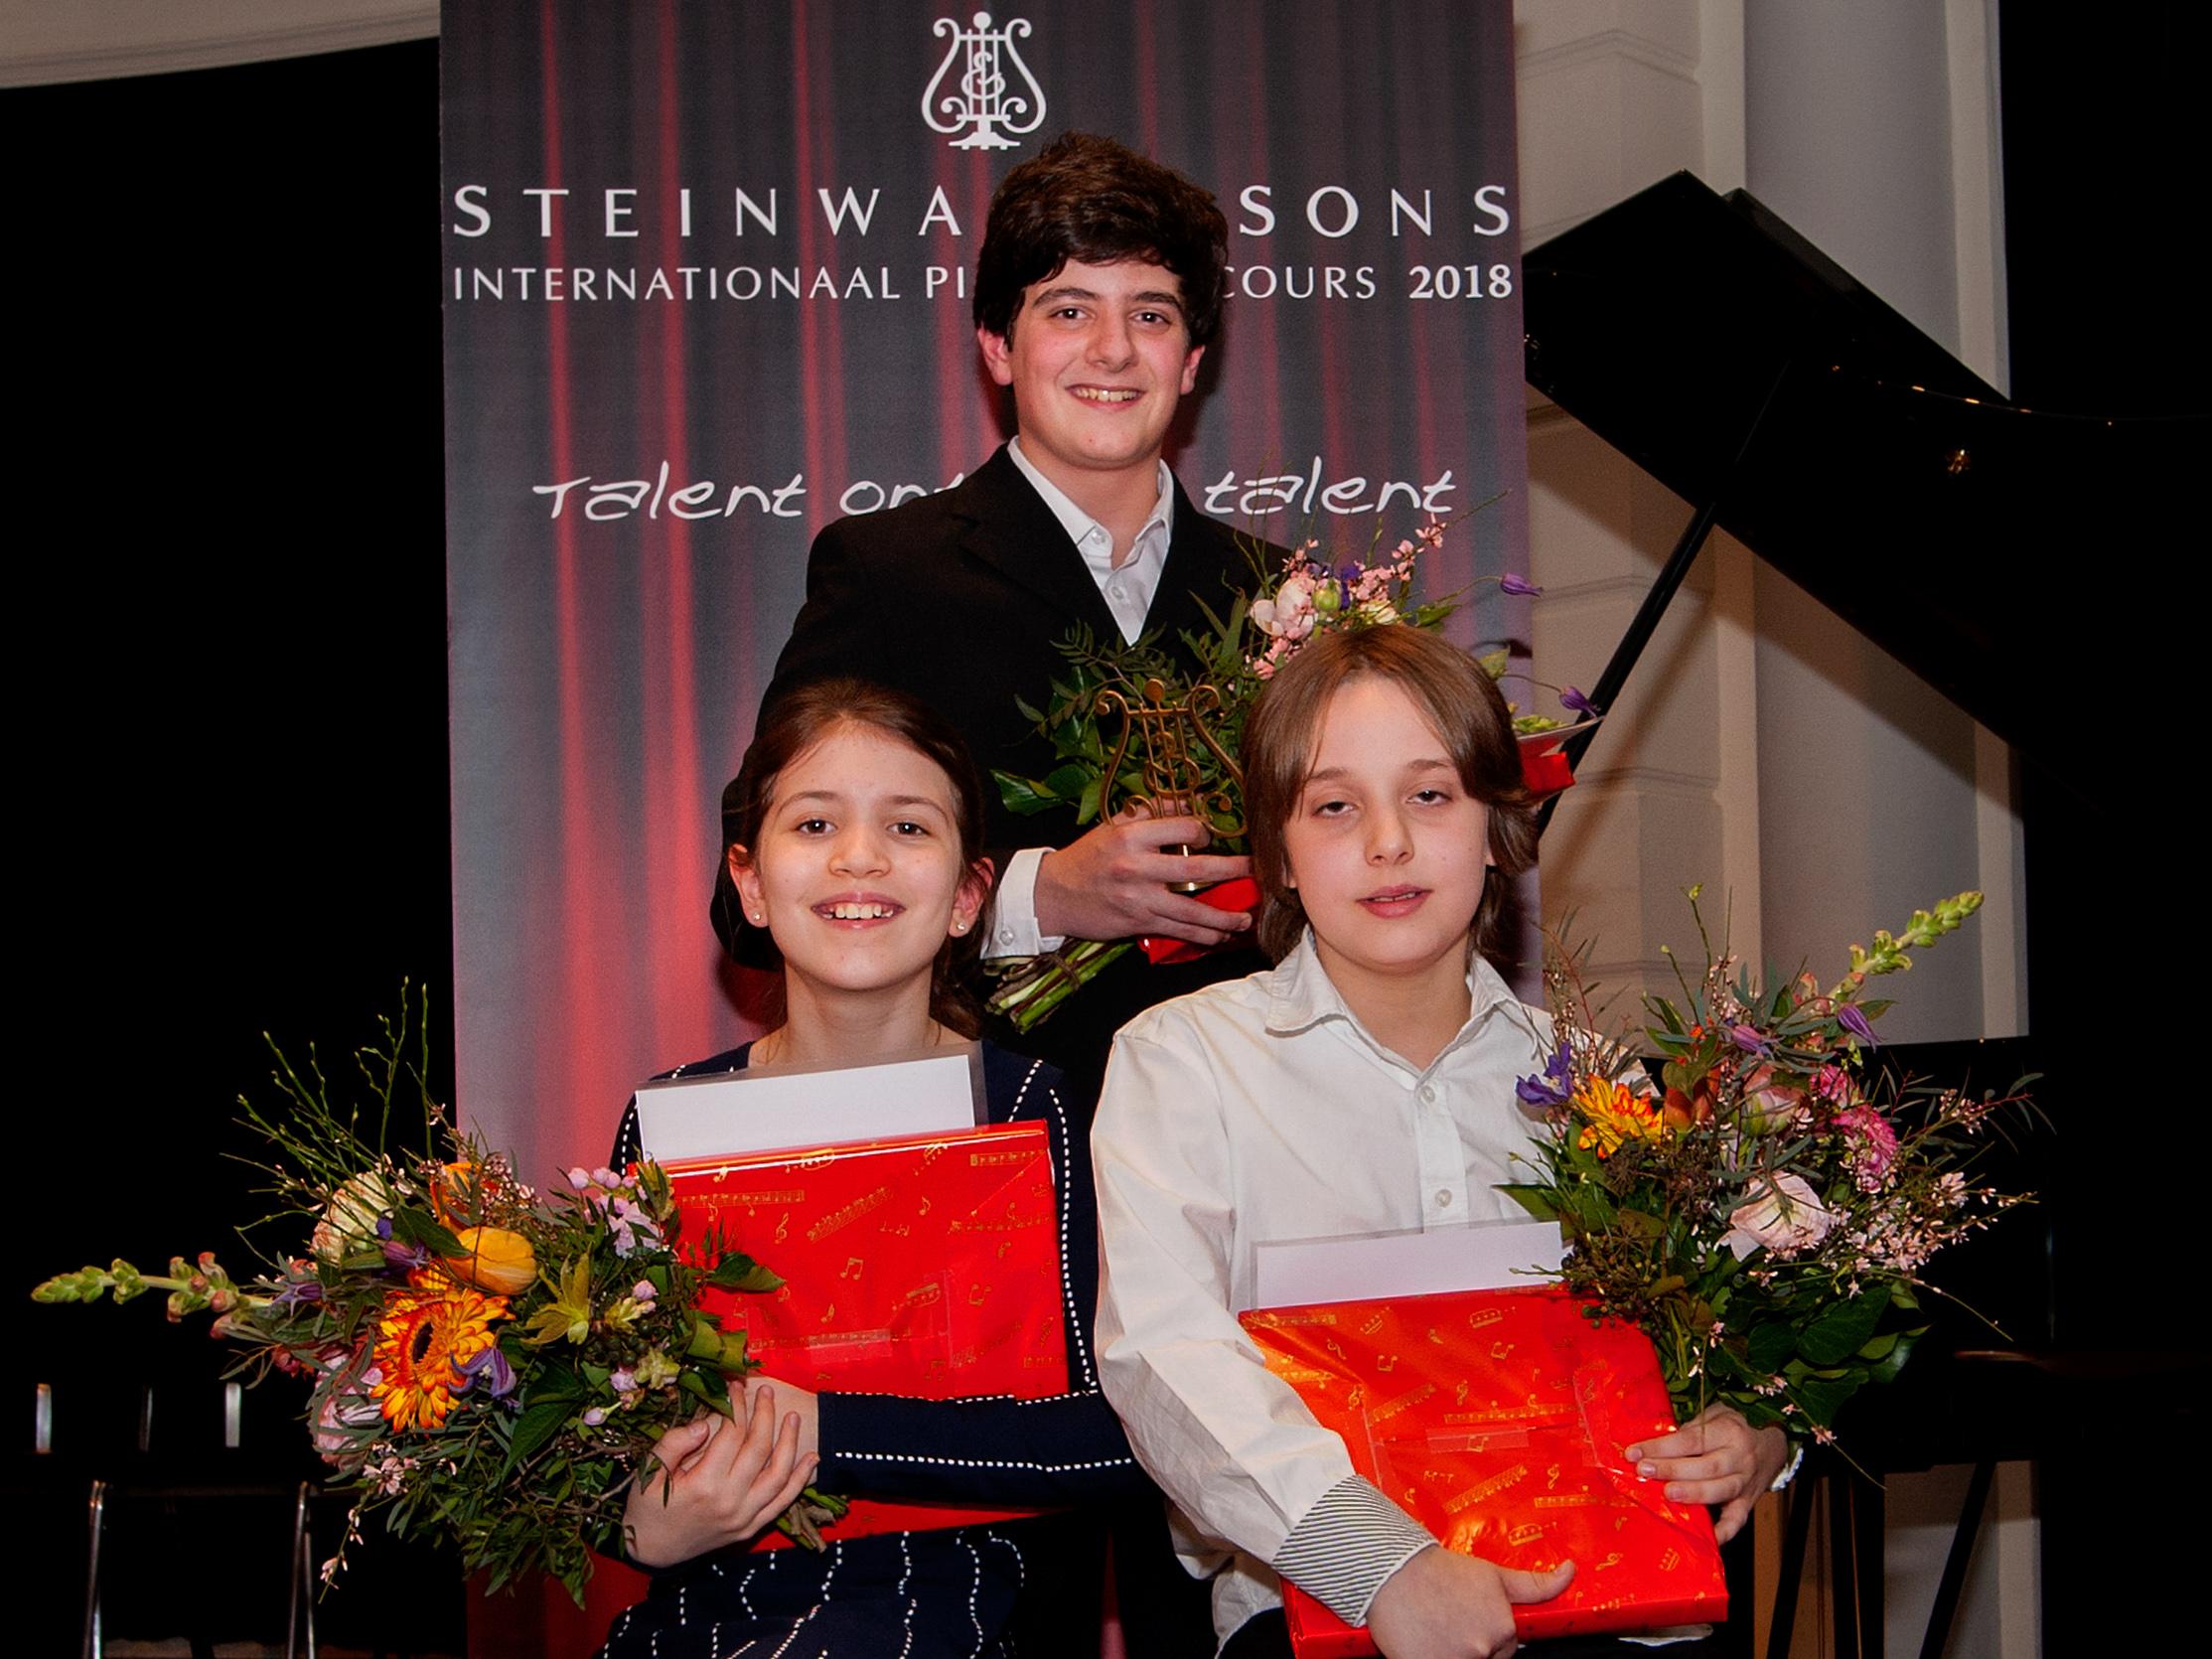 Winnaars Steinway Pianoconcours 2018, v.l.n.r.: Julia Nefedov, Andrei Makarov, Dimitri Zweers. (Foto: Anne Meyer)